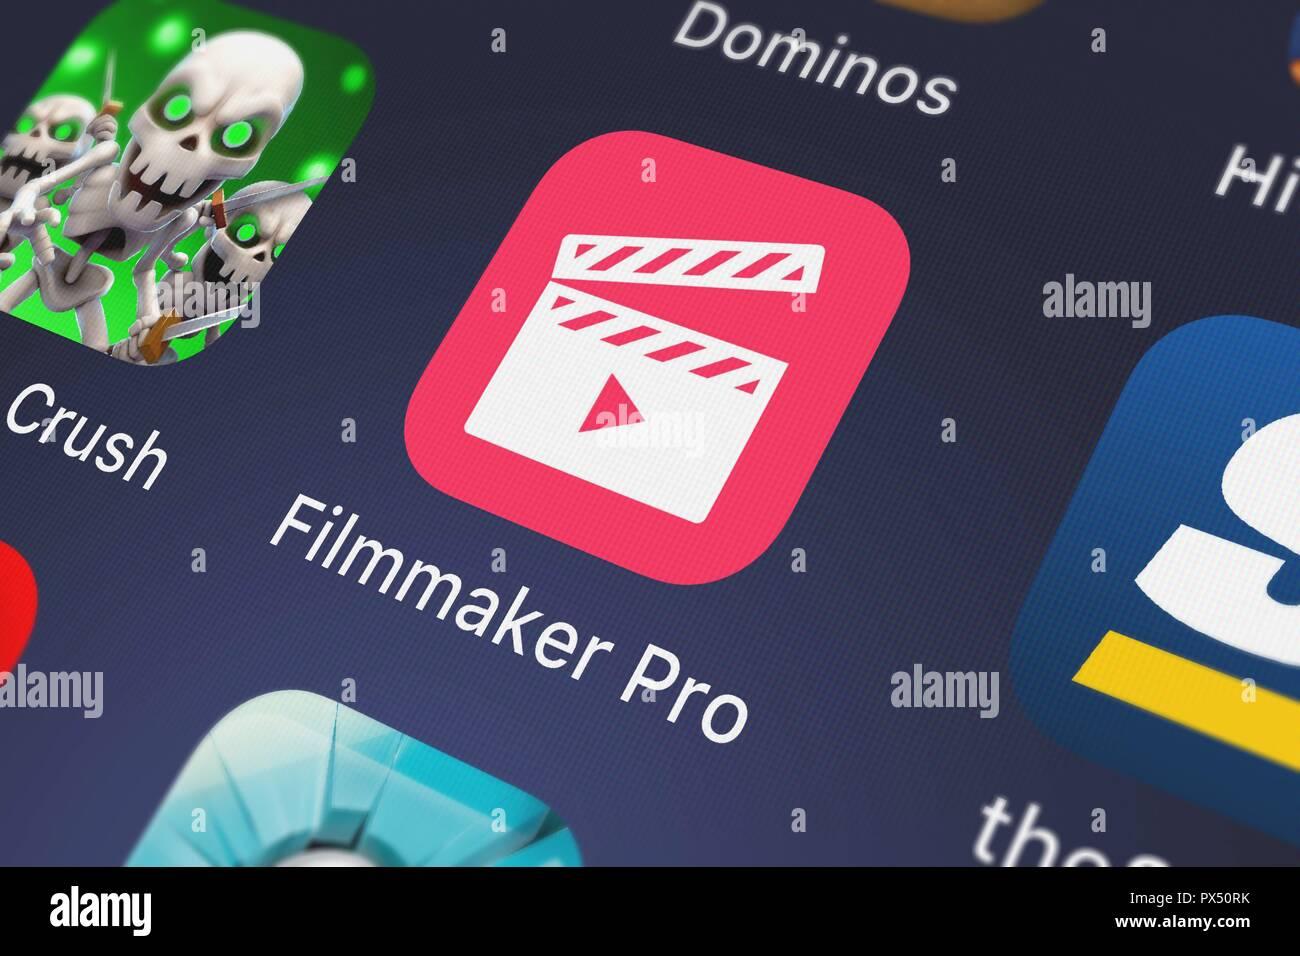 London United Kingdom October 19 2018 The Filmmaker Pro Mobile